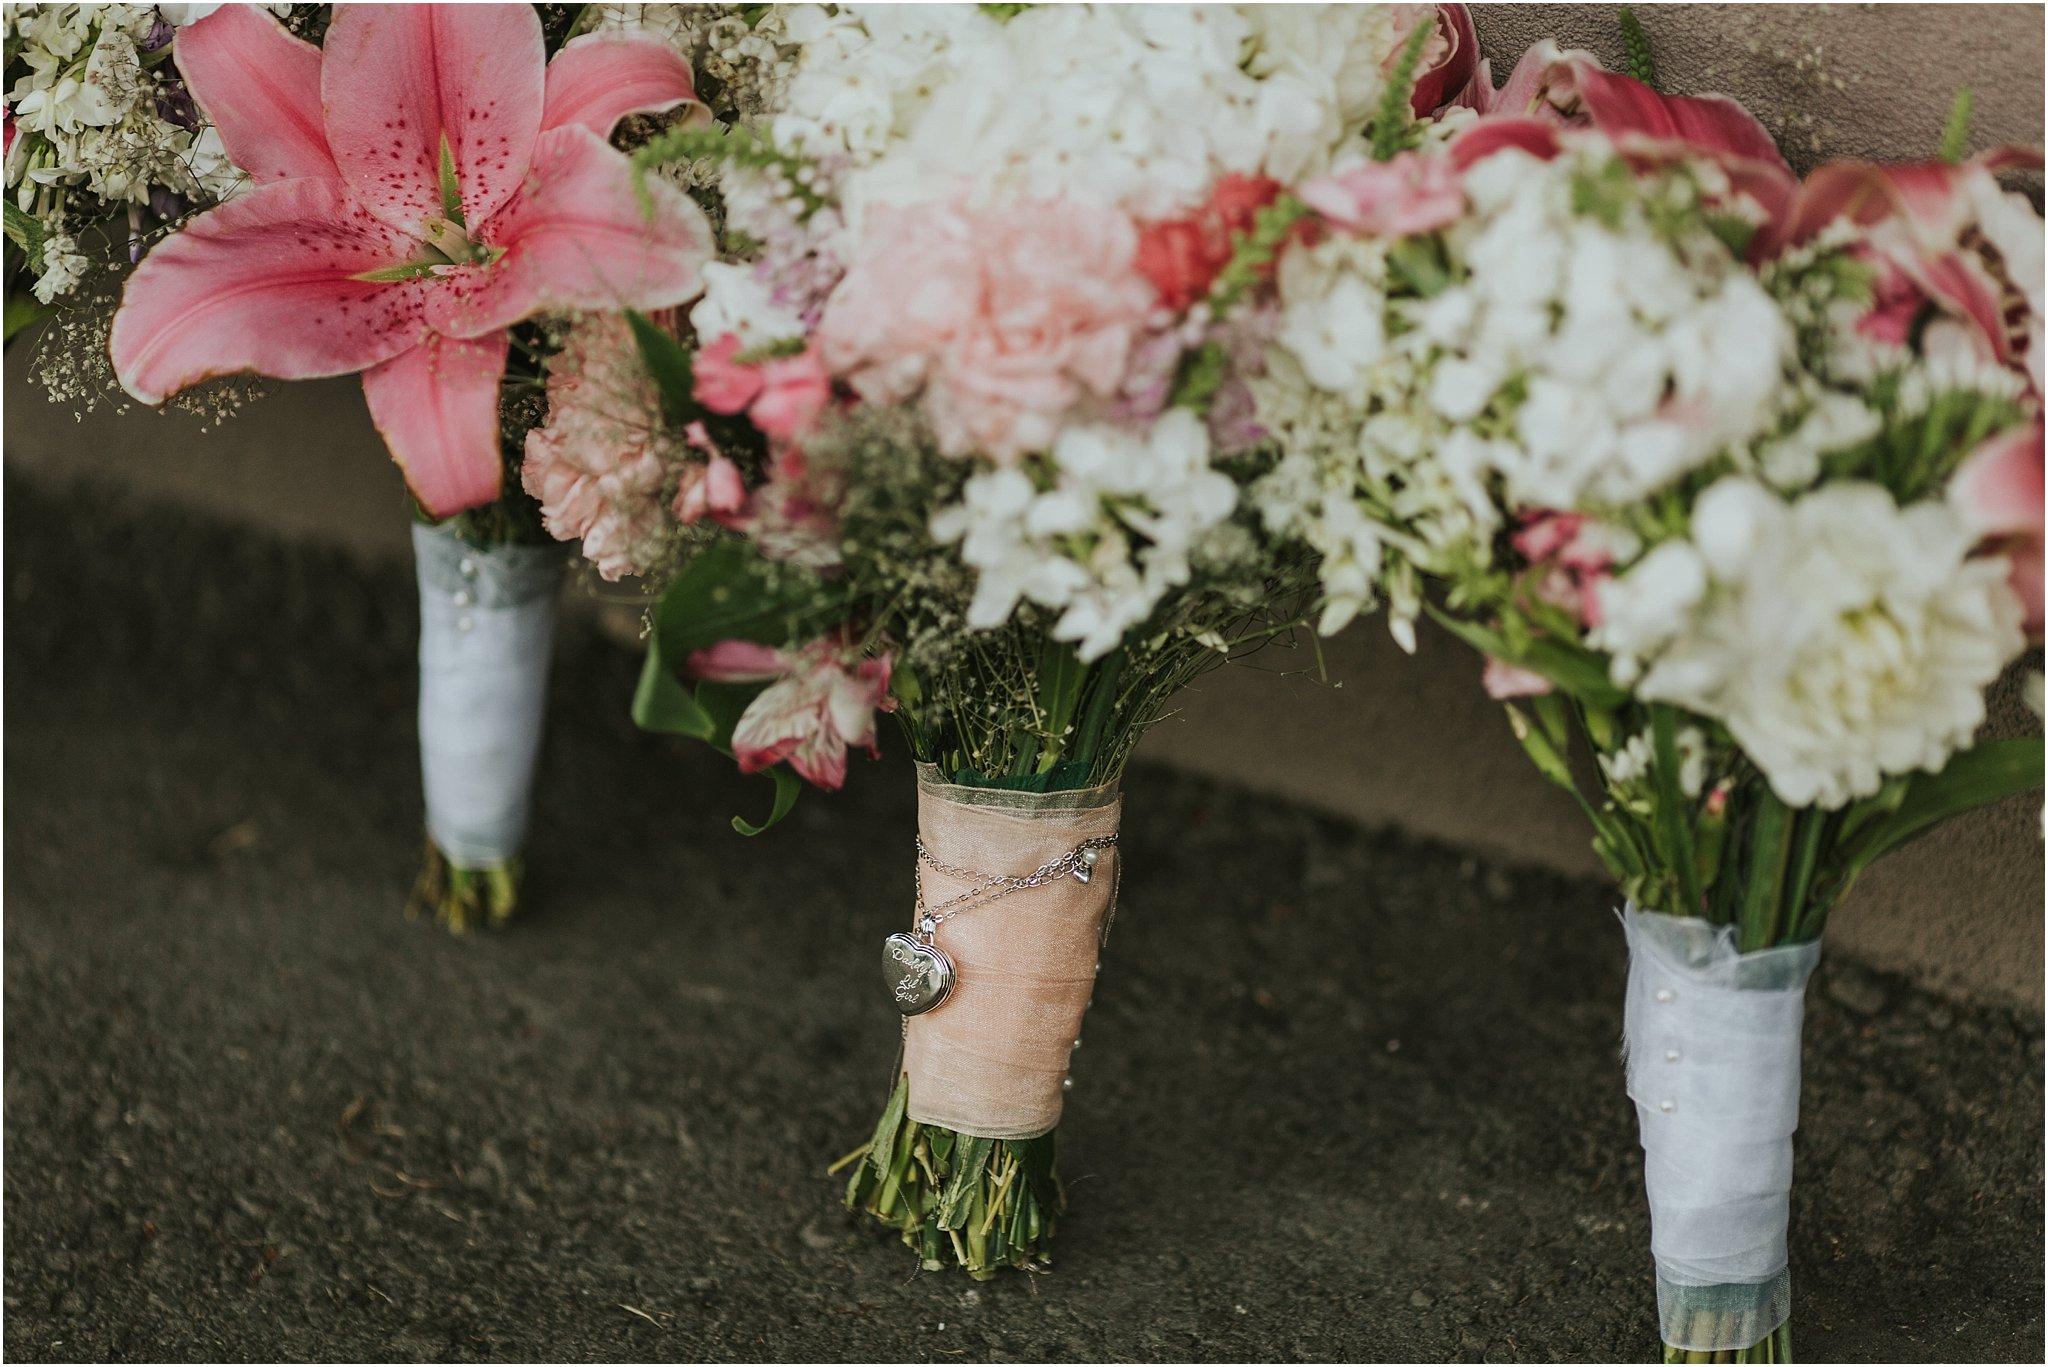 brides bouquet detail shot